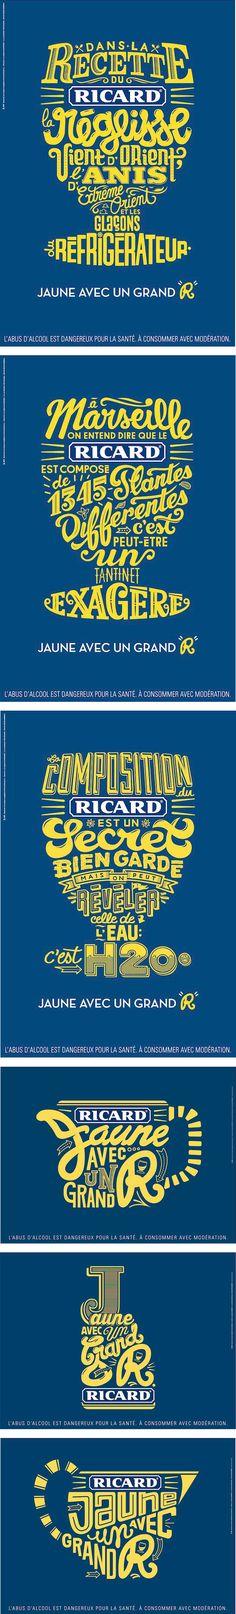 Ricard by BETC - Révéler un objet (ou autres) avec la typographie